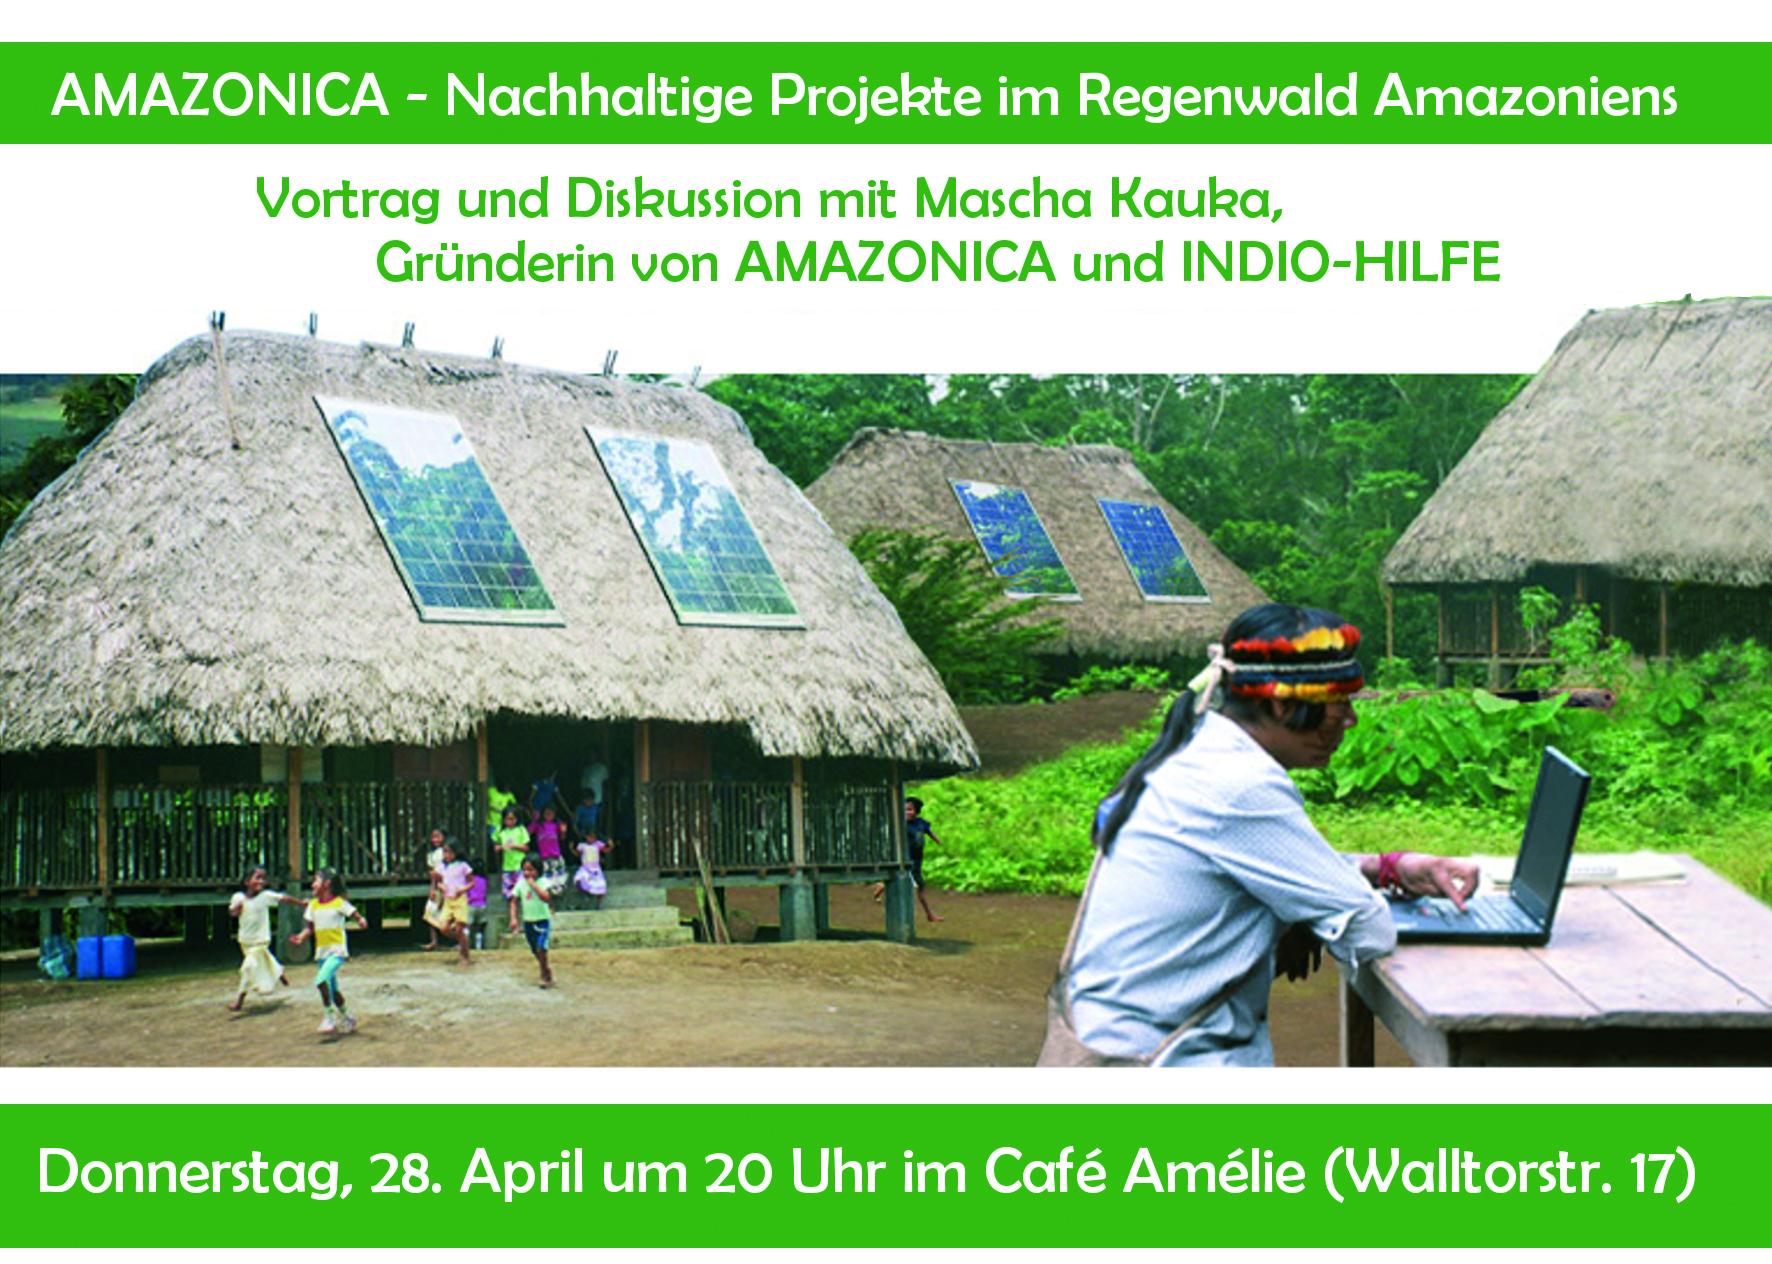 AMAZONICA vorne